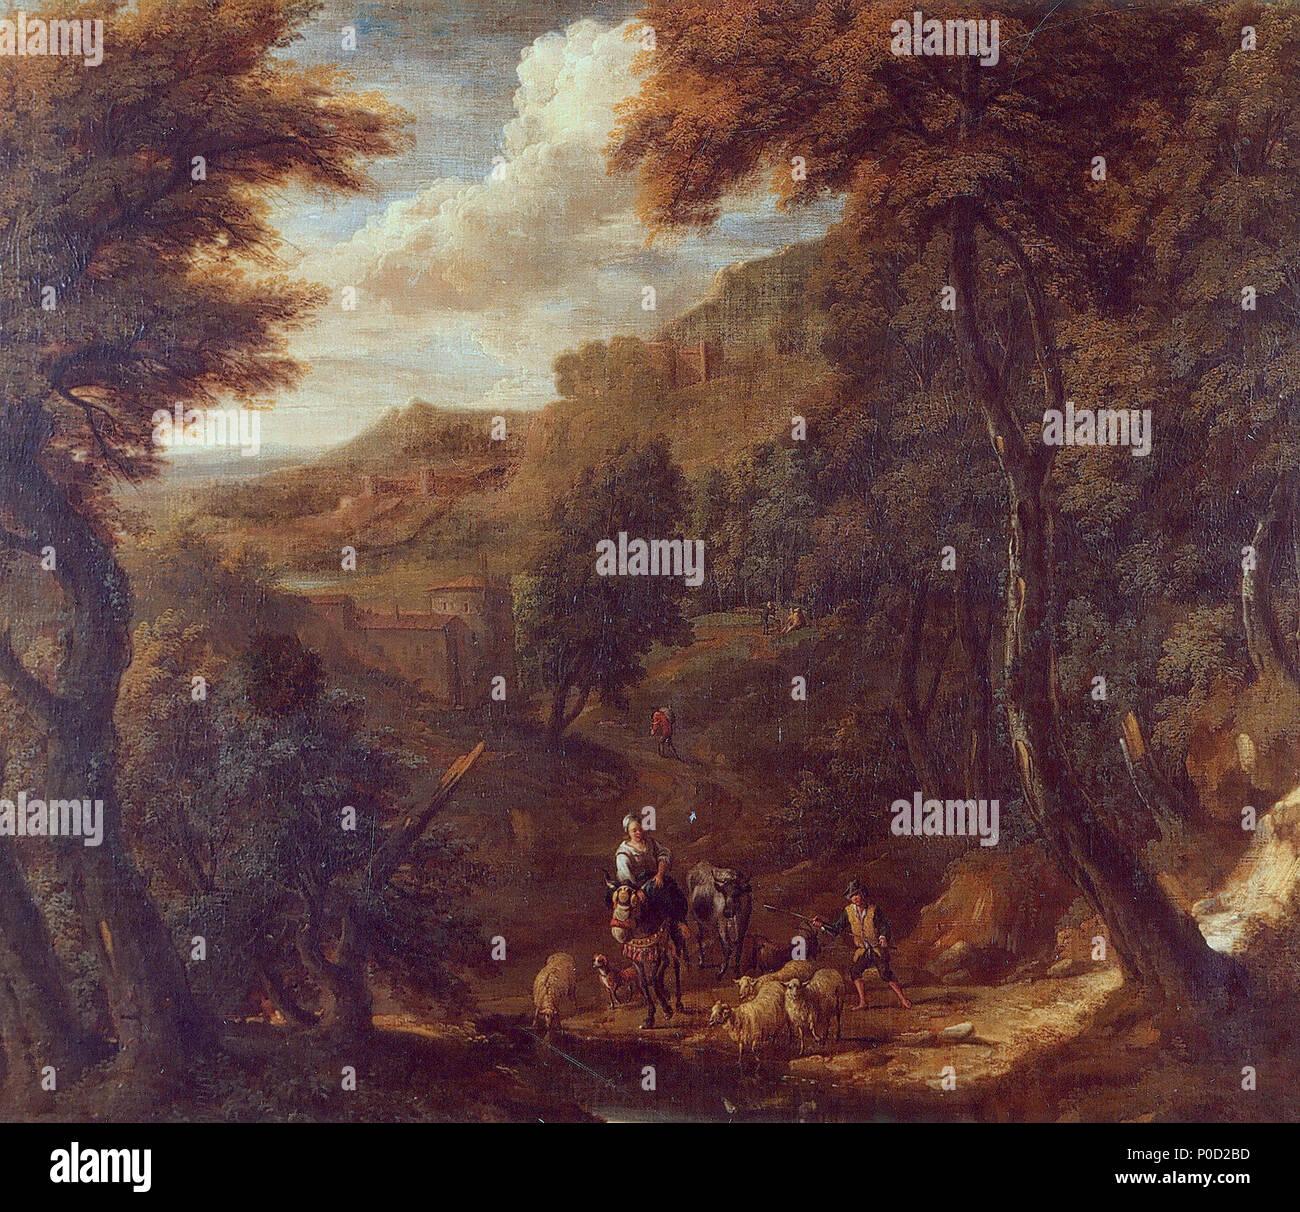 . English: Nicolas de Fassin, Mountainous landscape (Musée de l'Art wallon, Liège, Belgium)  . 27 September 2014, 01:59:35. Nicolas Henri Joseph de Fassin (1728-1811) 17 Nicolas de Fassin, Paysage montagneux - Stock Image